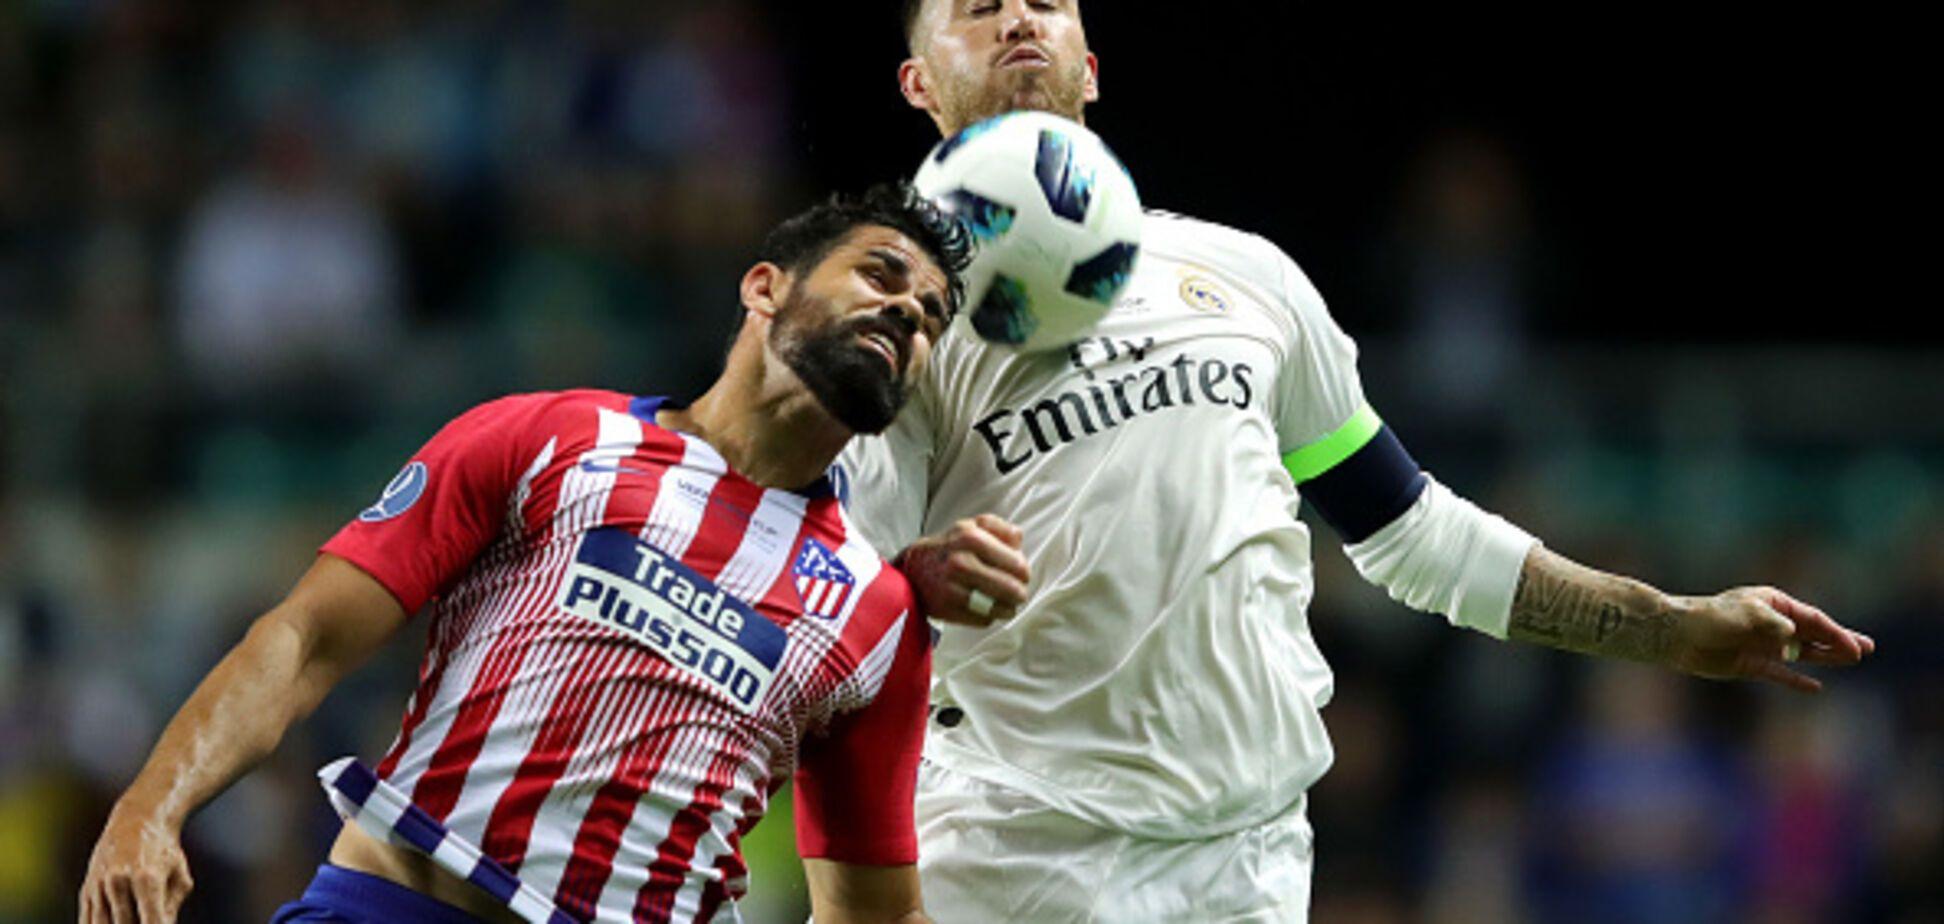 В матче за Суперкубок УЕФА установлен исторический рекорд